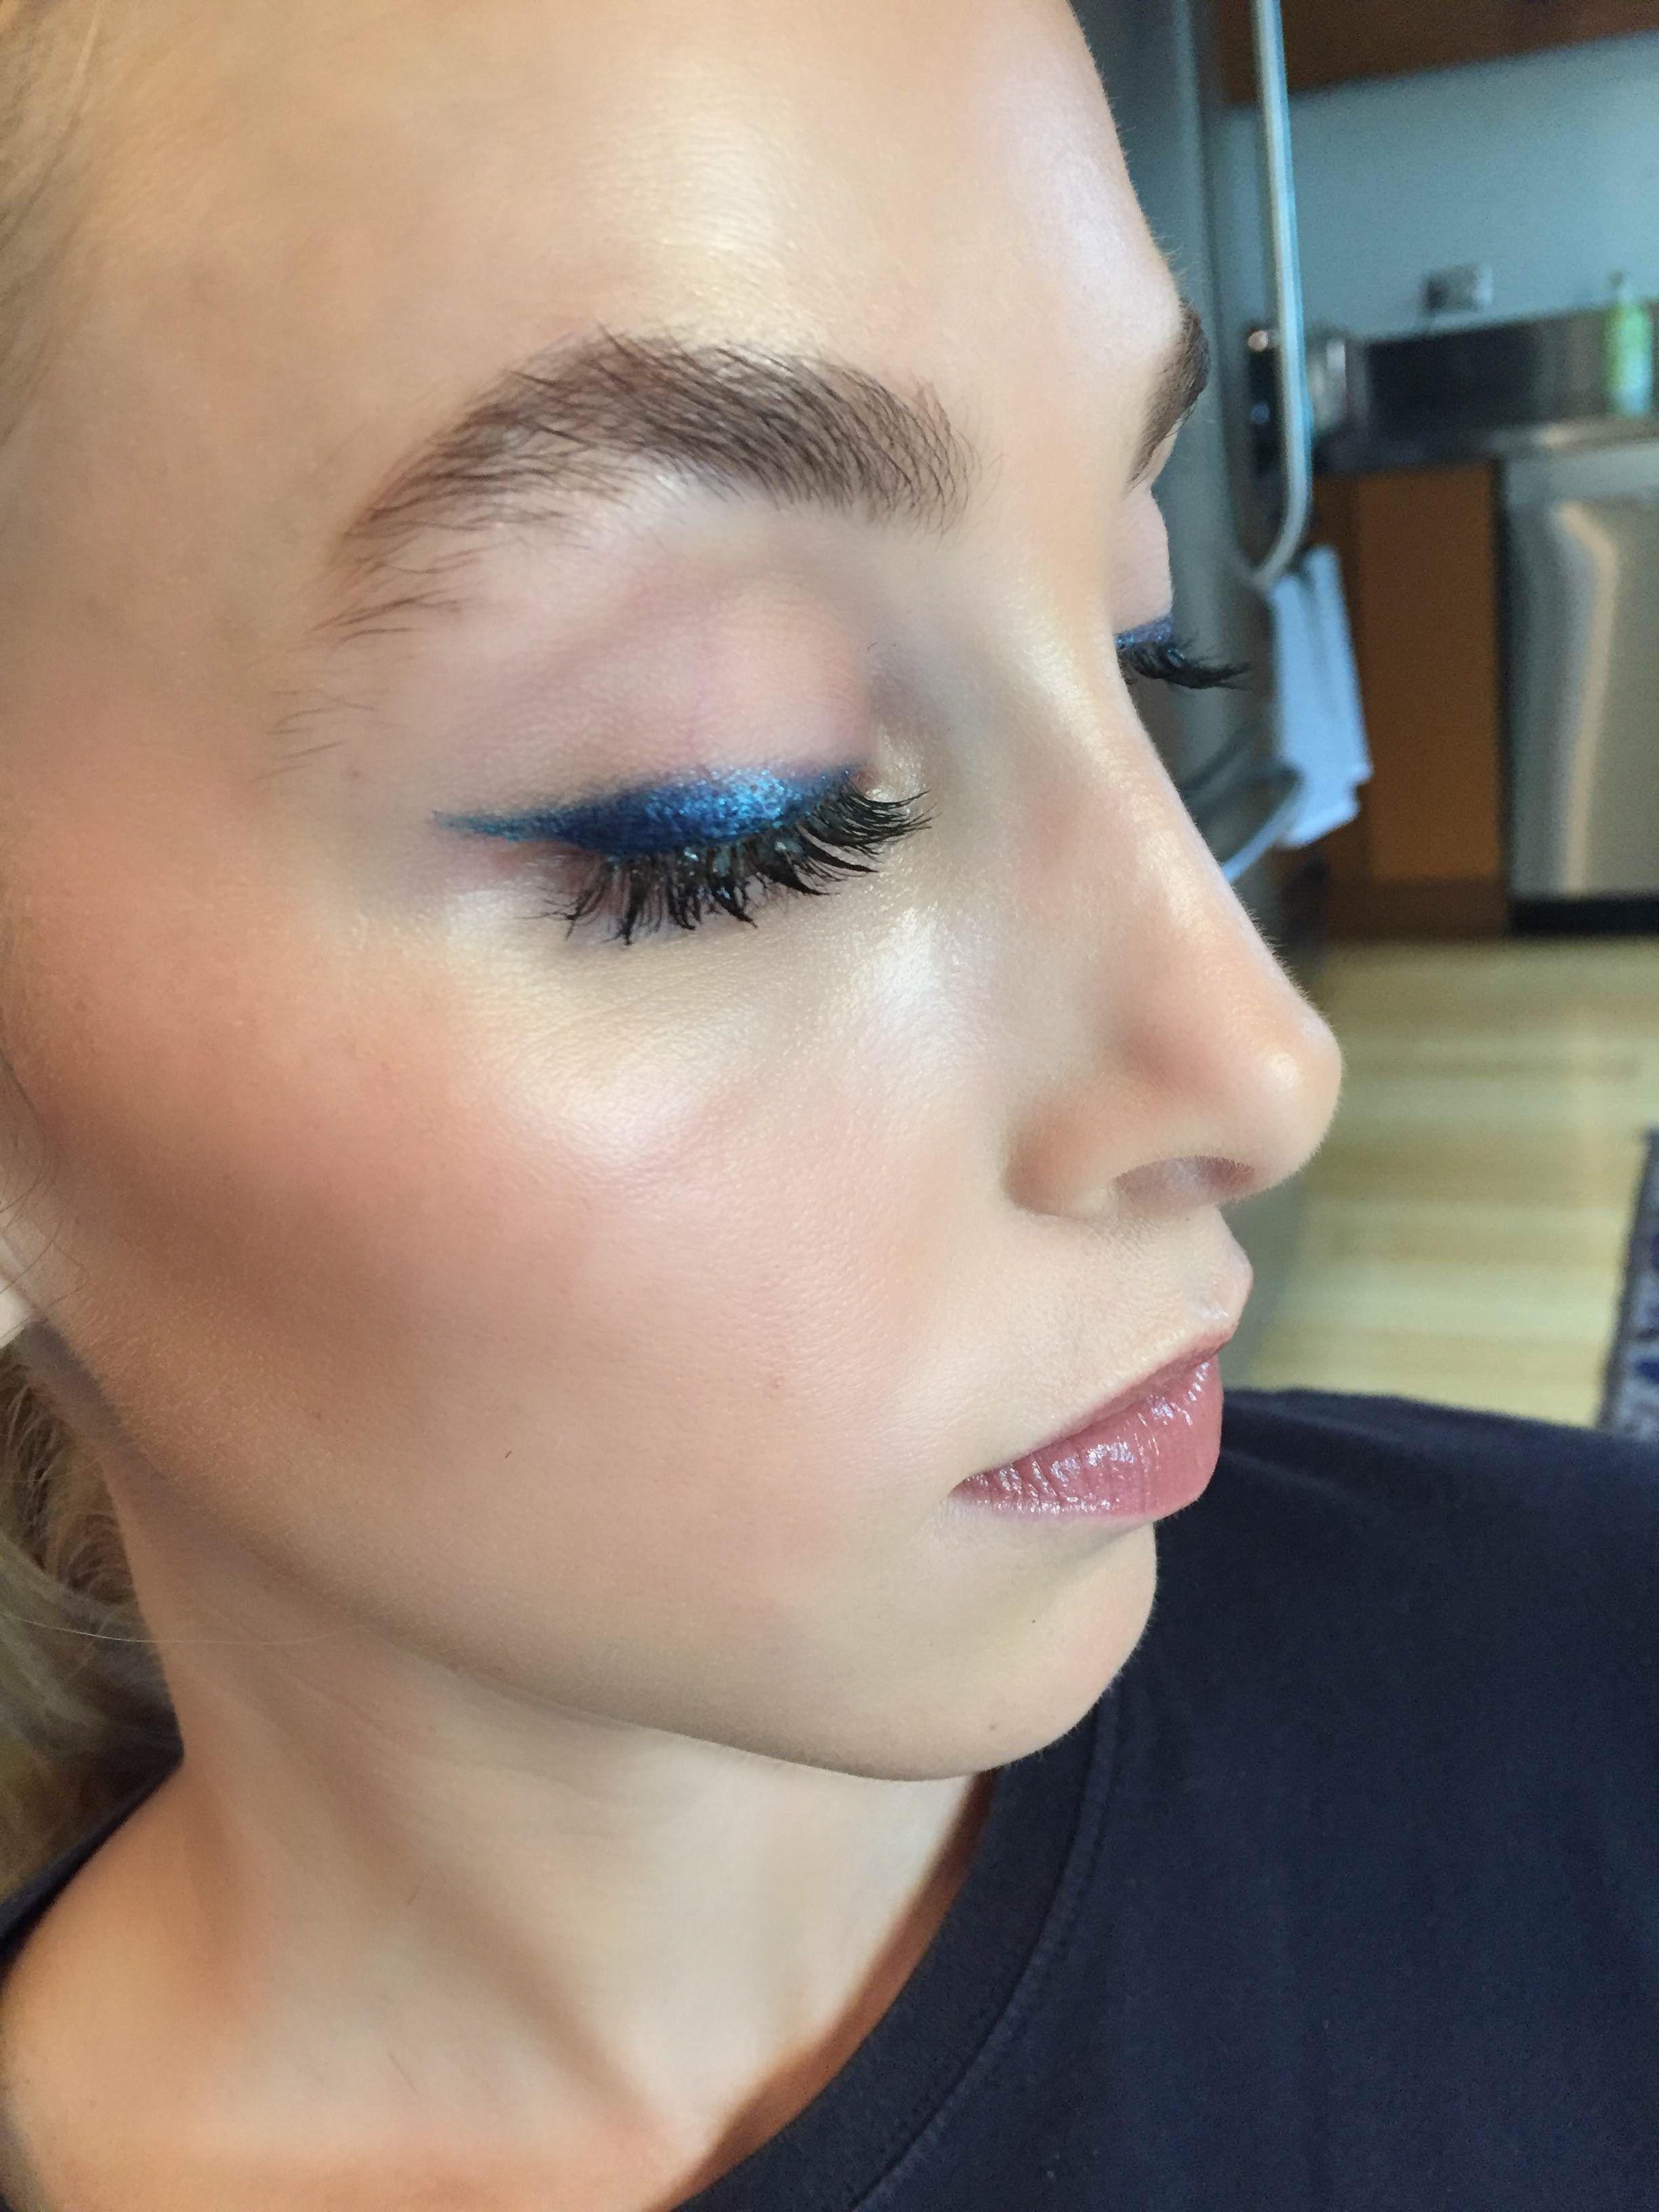 Whitney Port False Eyelashes - Whitney Port Looks